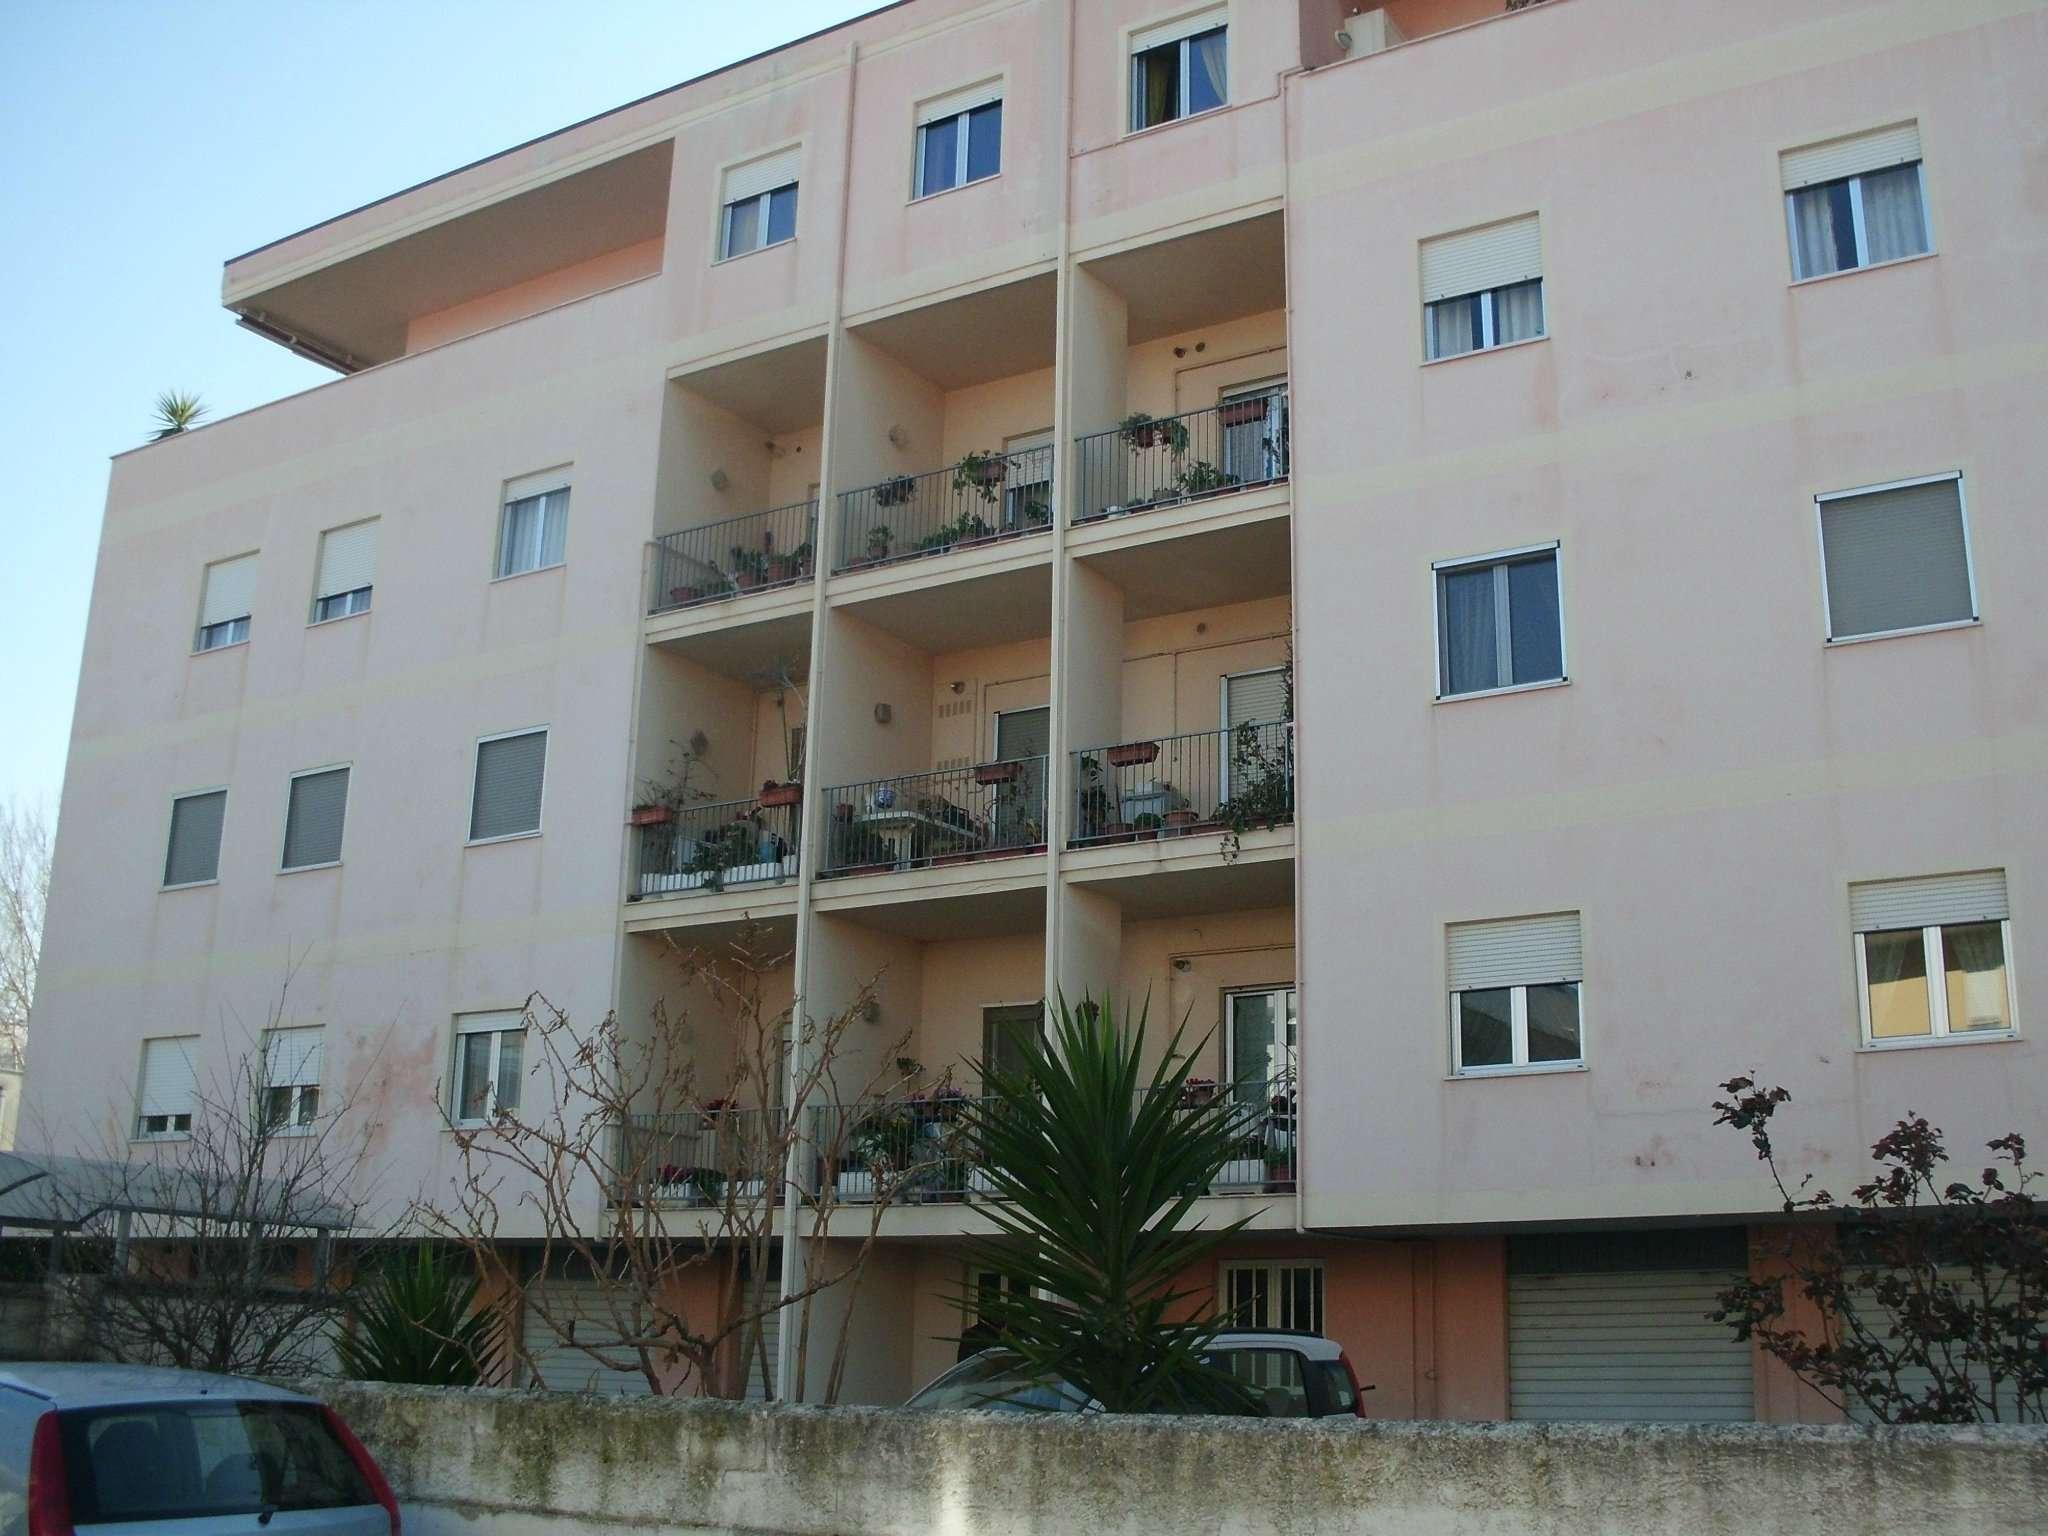 Appartamento in affitto a Montesilvano, 5 locali, prezzo € 500 | Cambio Casa.it